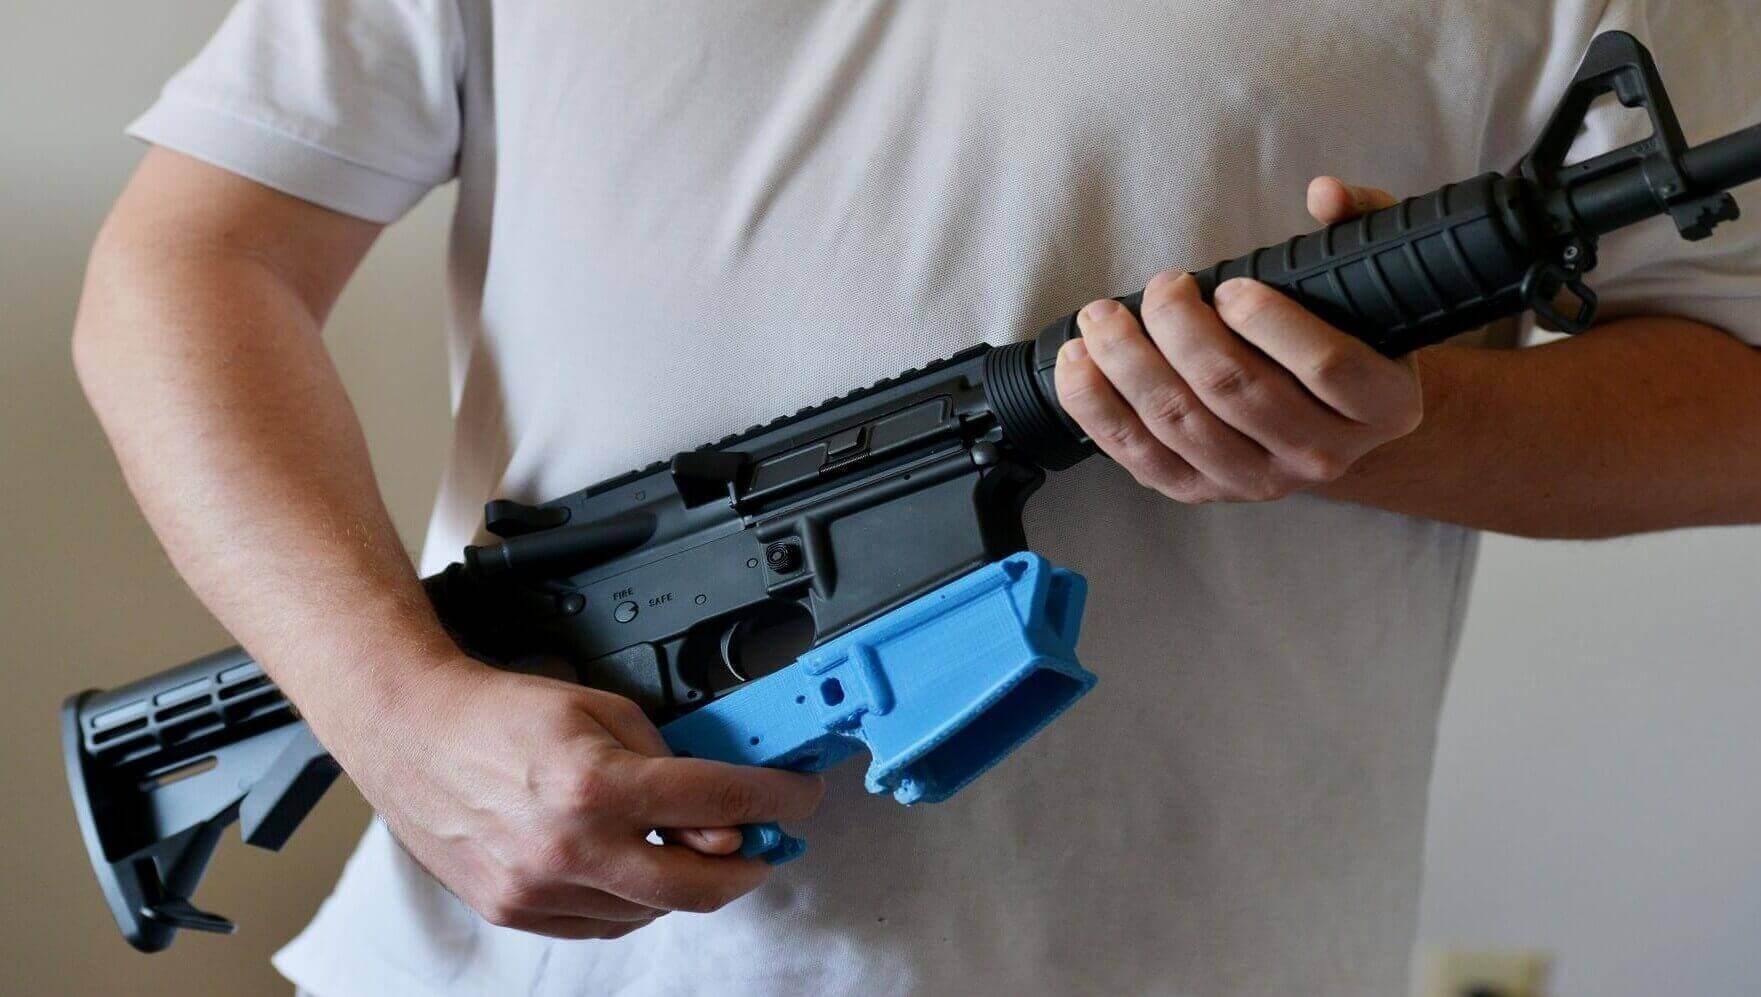 3D Printed Guns